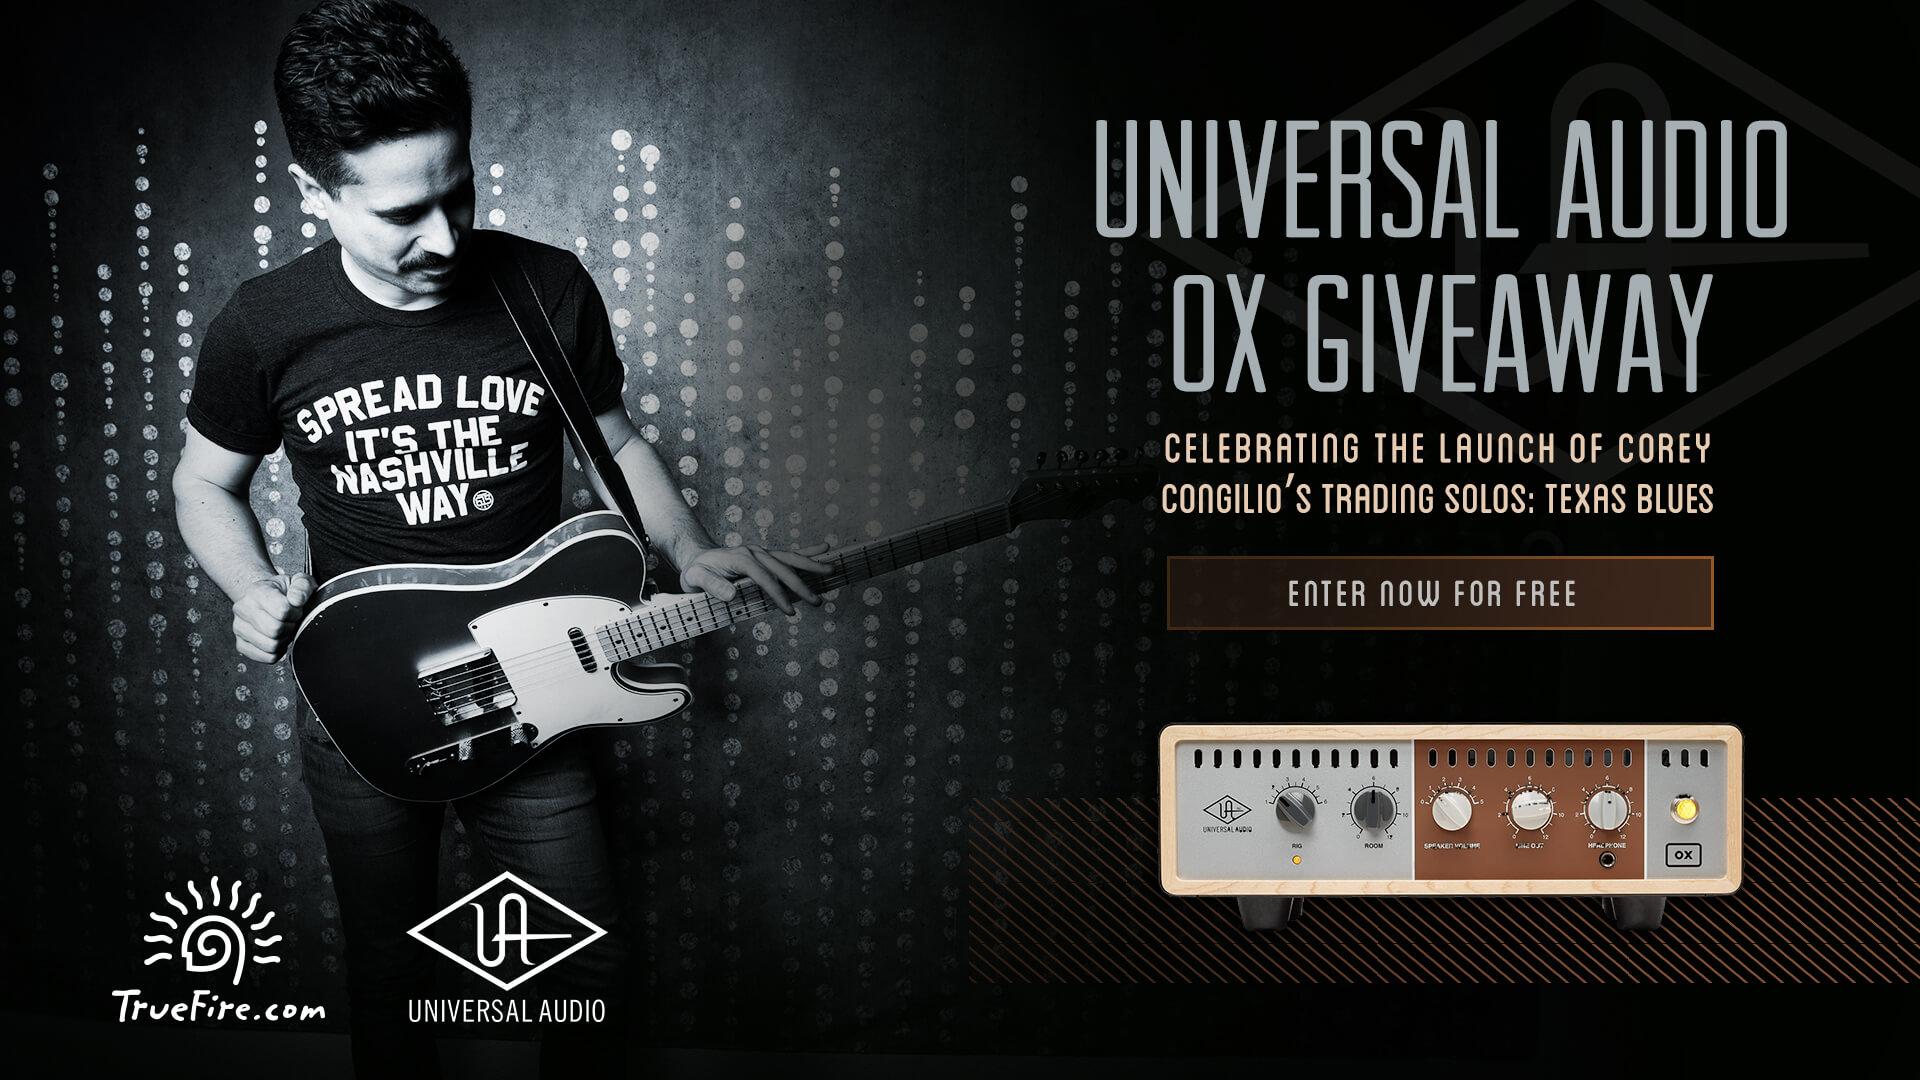 Universal Audio OX Giveaway